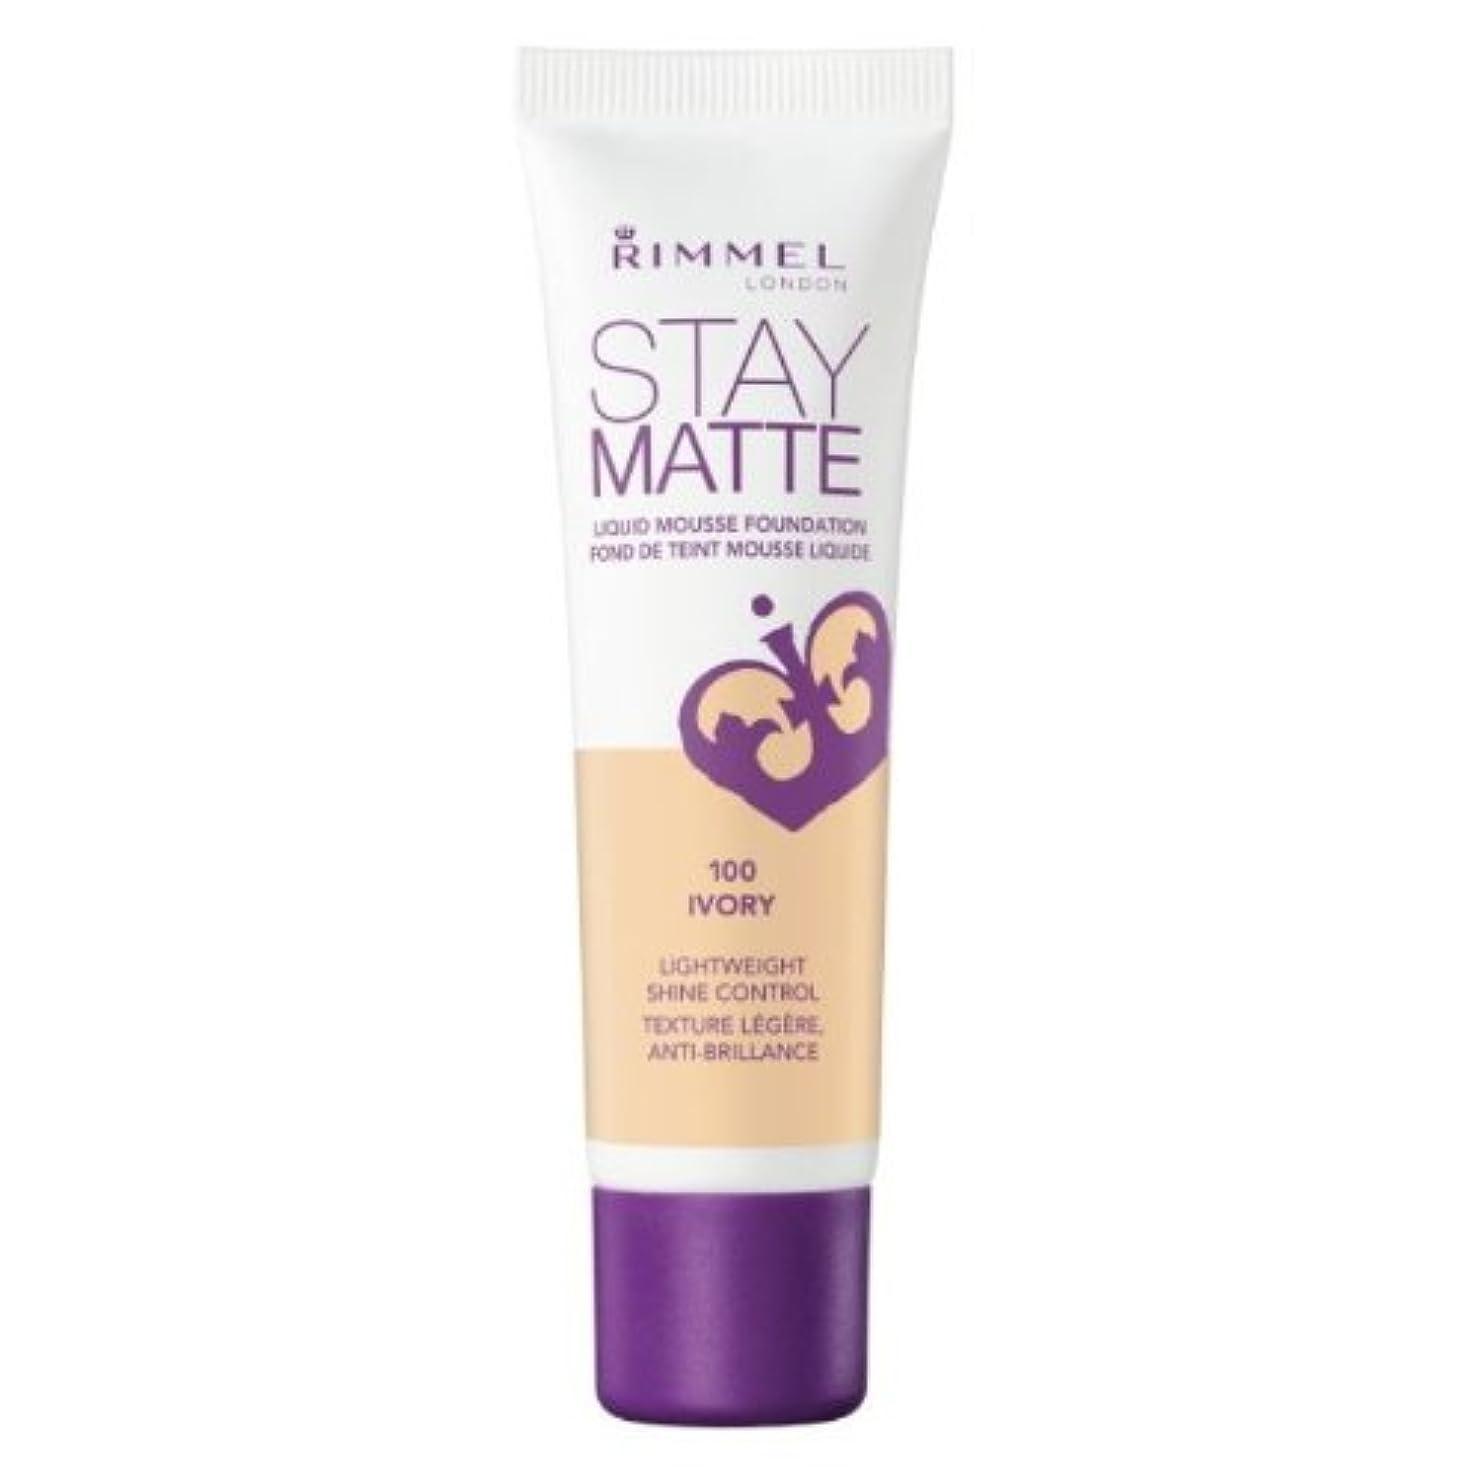 ハント定数忌まわしい(6 Pack) RIMMEL LONDON Stay Matte Liquid Mousse Foundation - Ivory (並行輸入品)